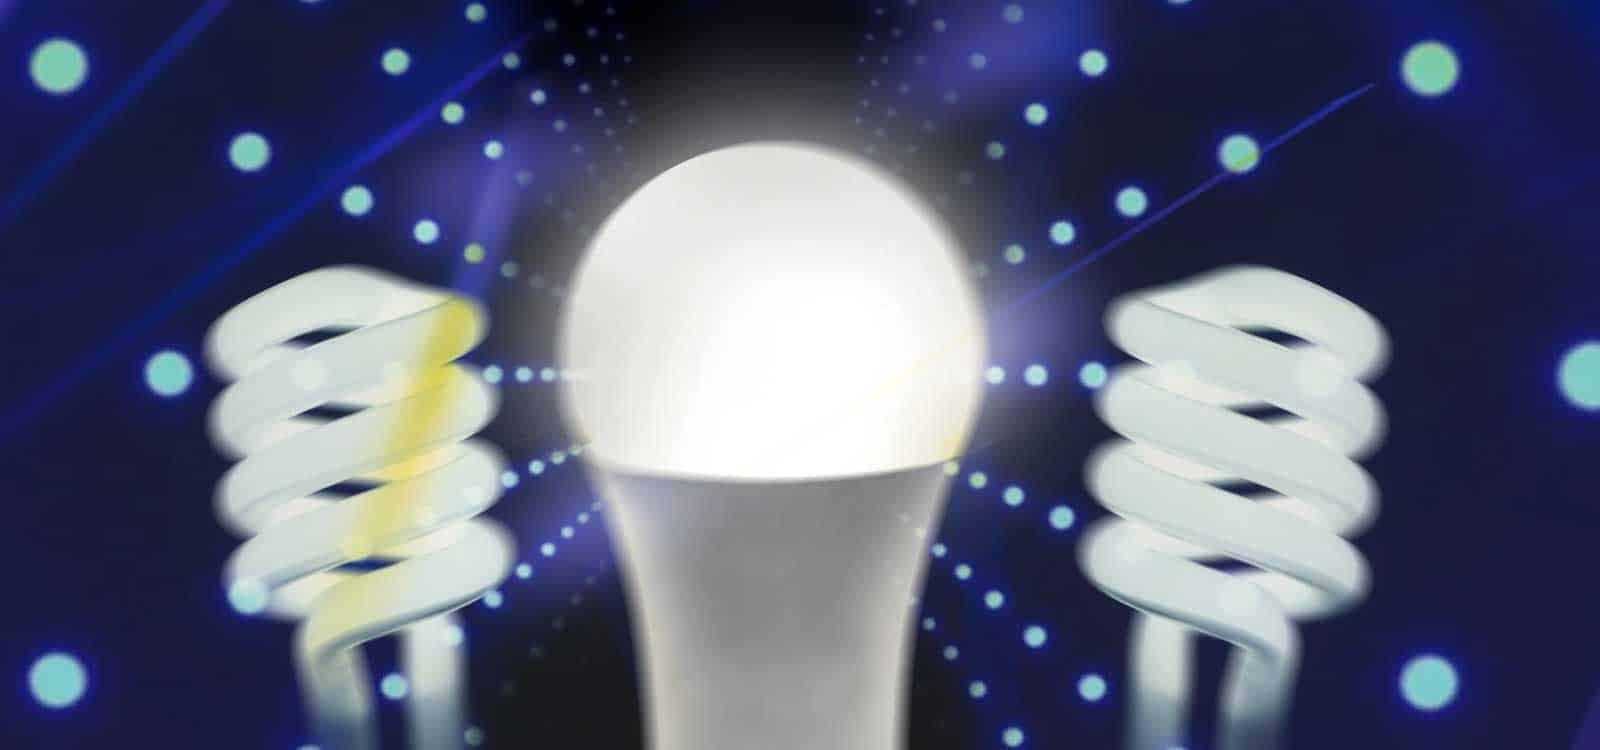 led-verlichting-gloeilamp-halogeenlamp-spaarlamp-header